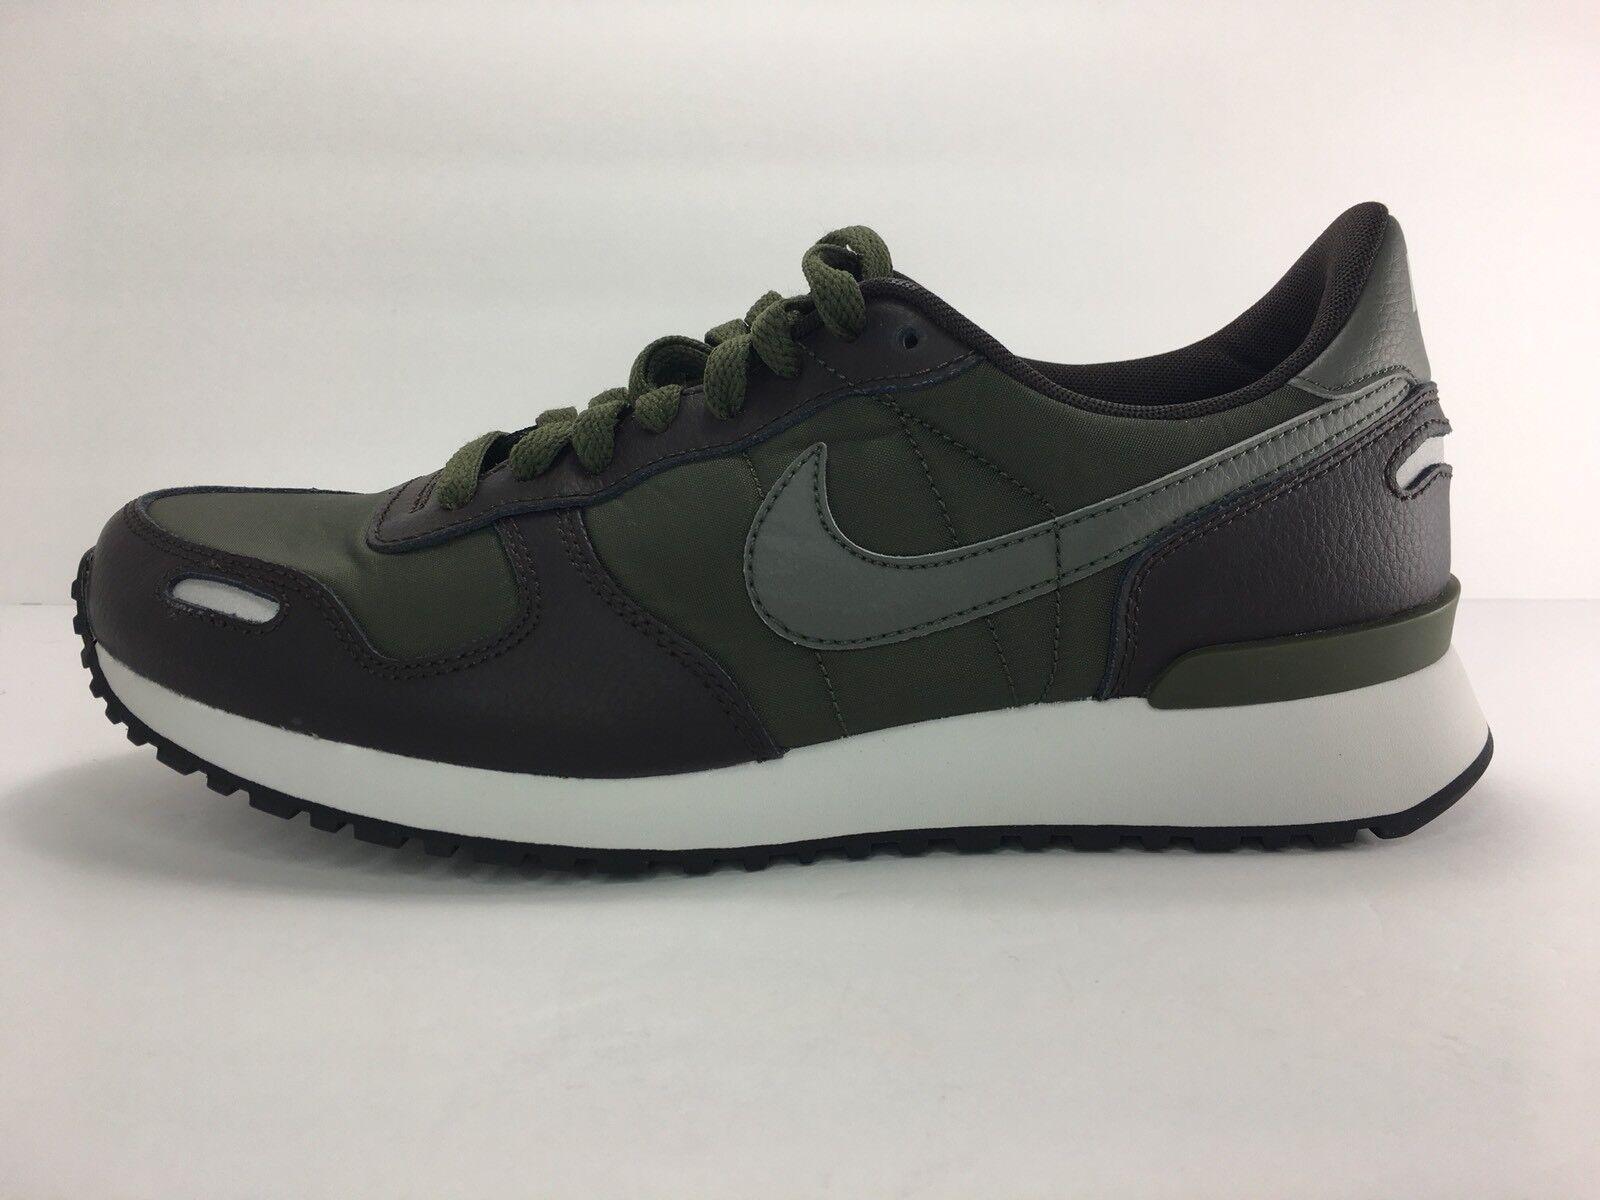 River Kaki Les Vortex 903896 300 Air Cargo Chaussures Nike w4RPp8